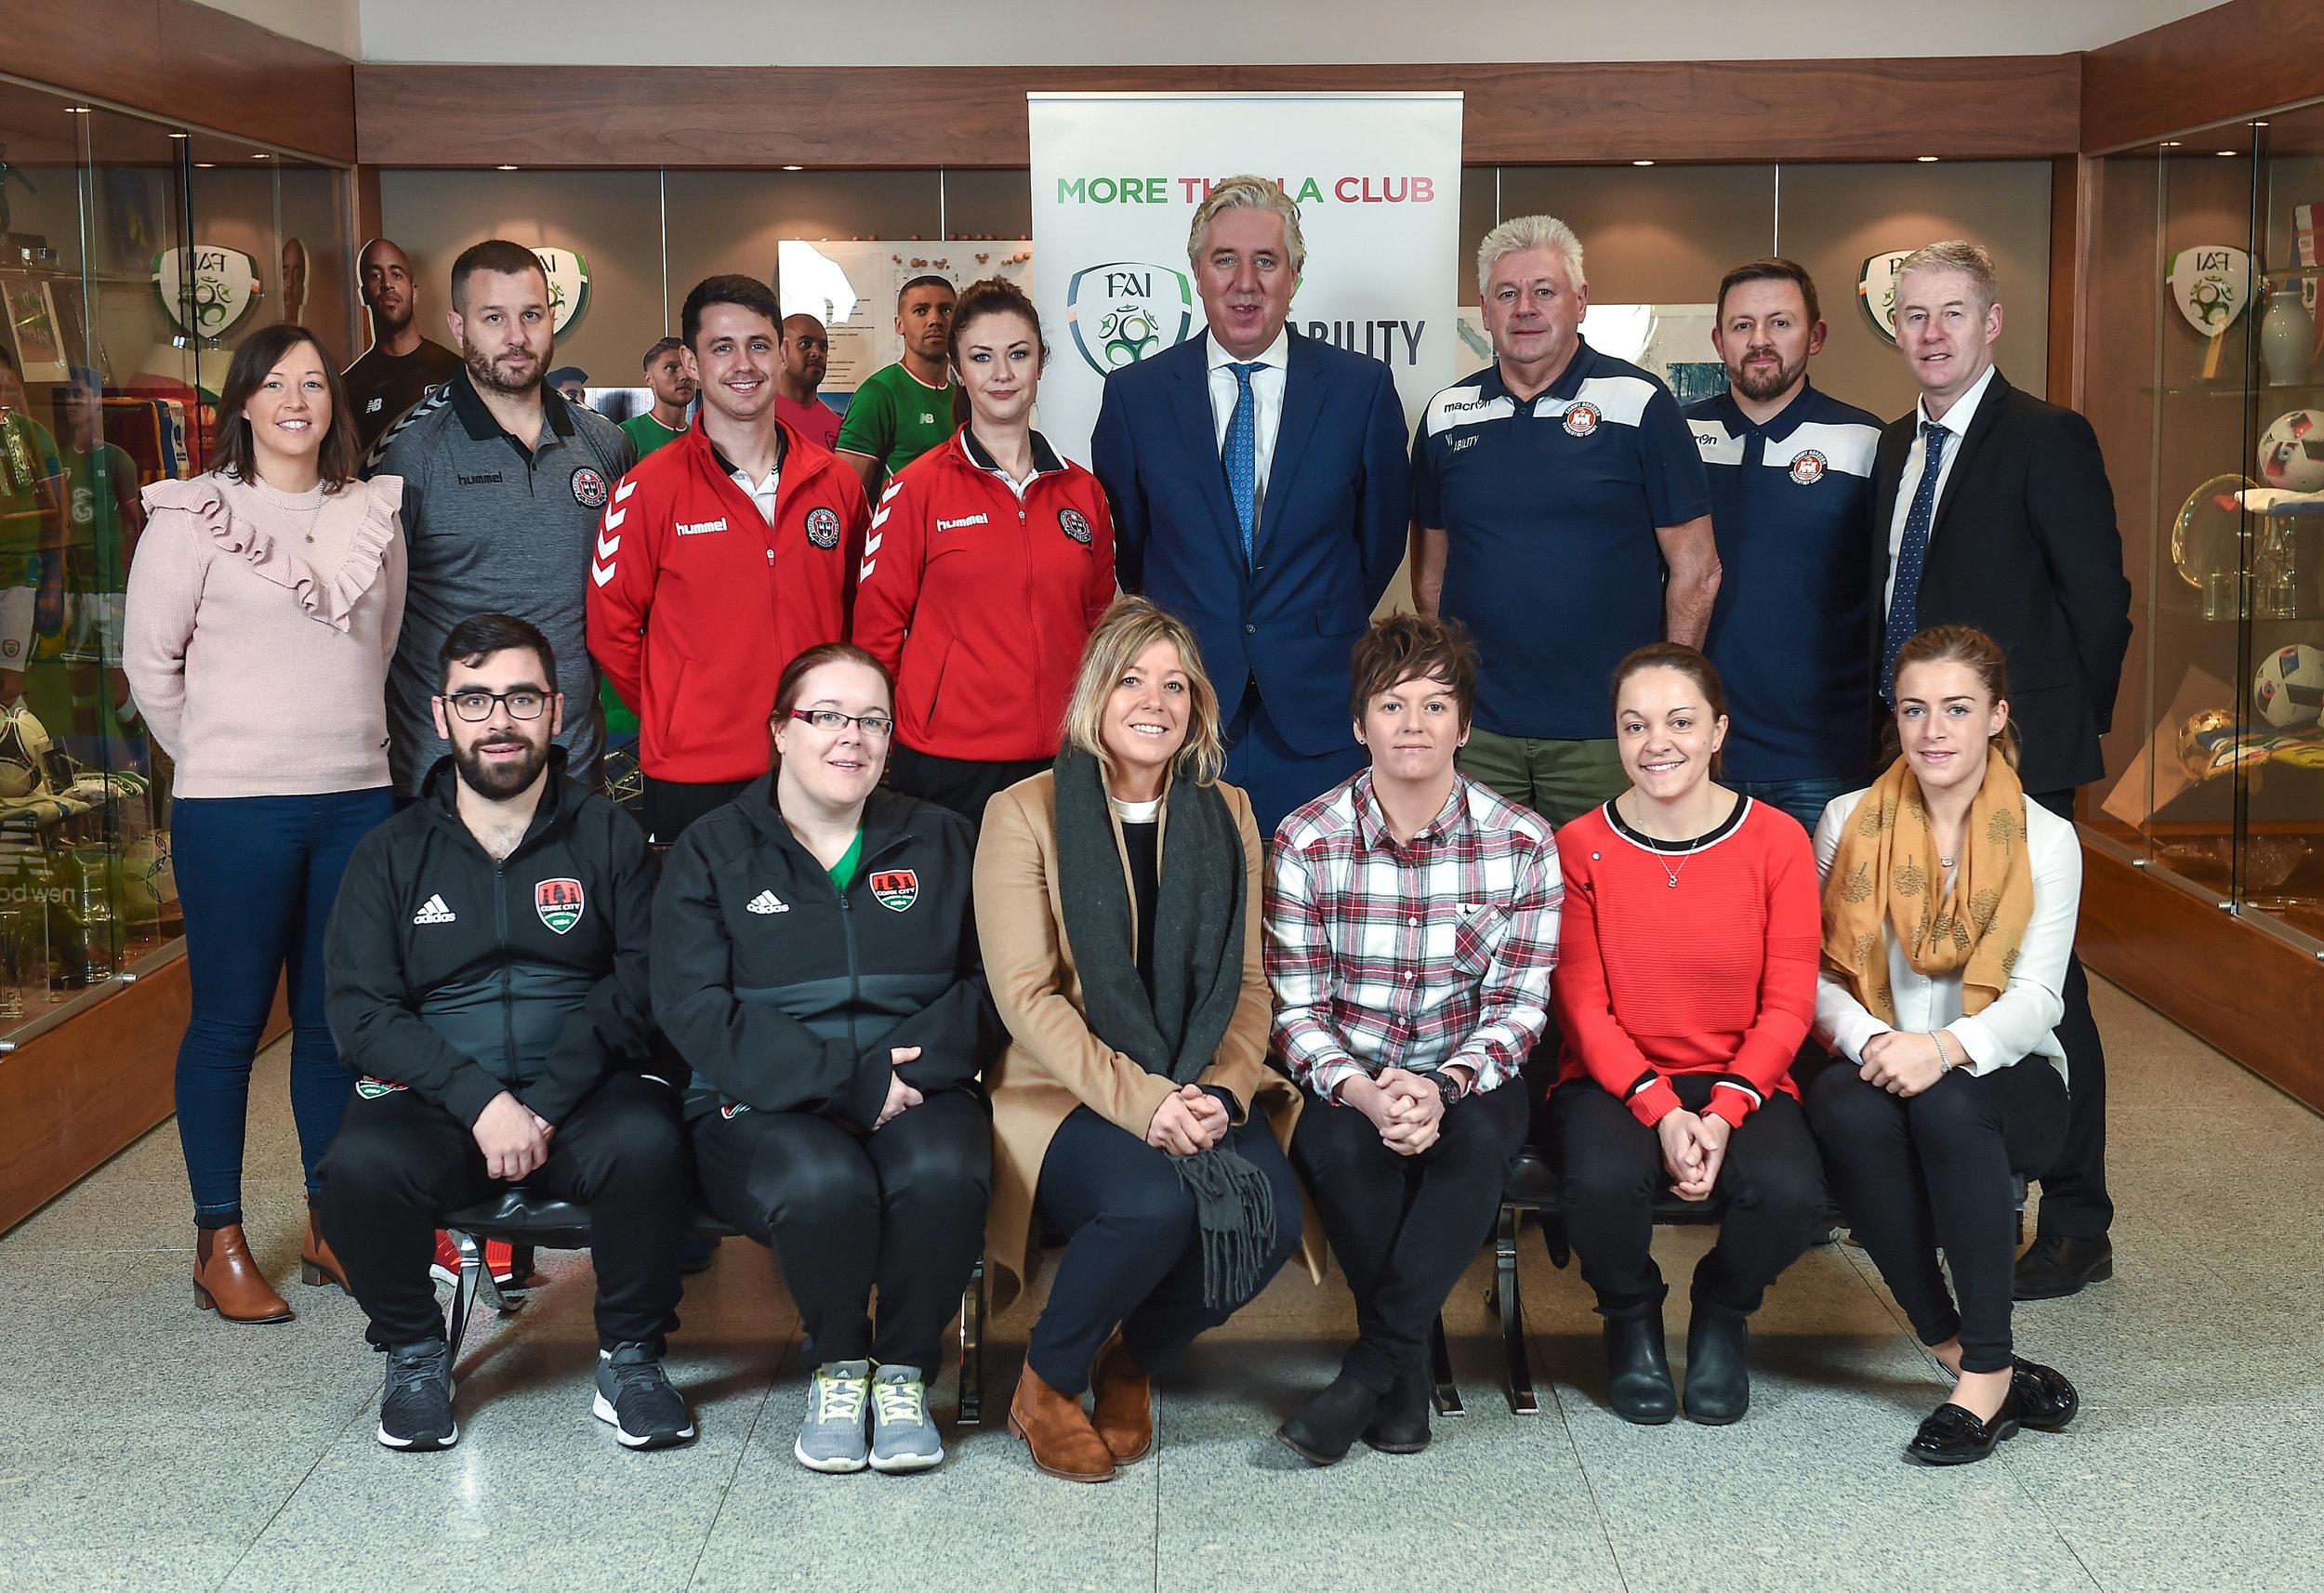 More Than a Club team at FAI HQ in Abbotstown